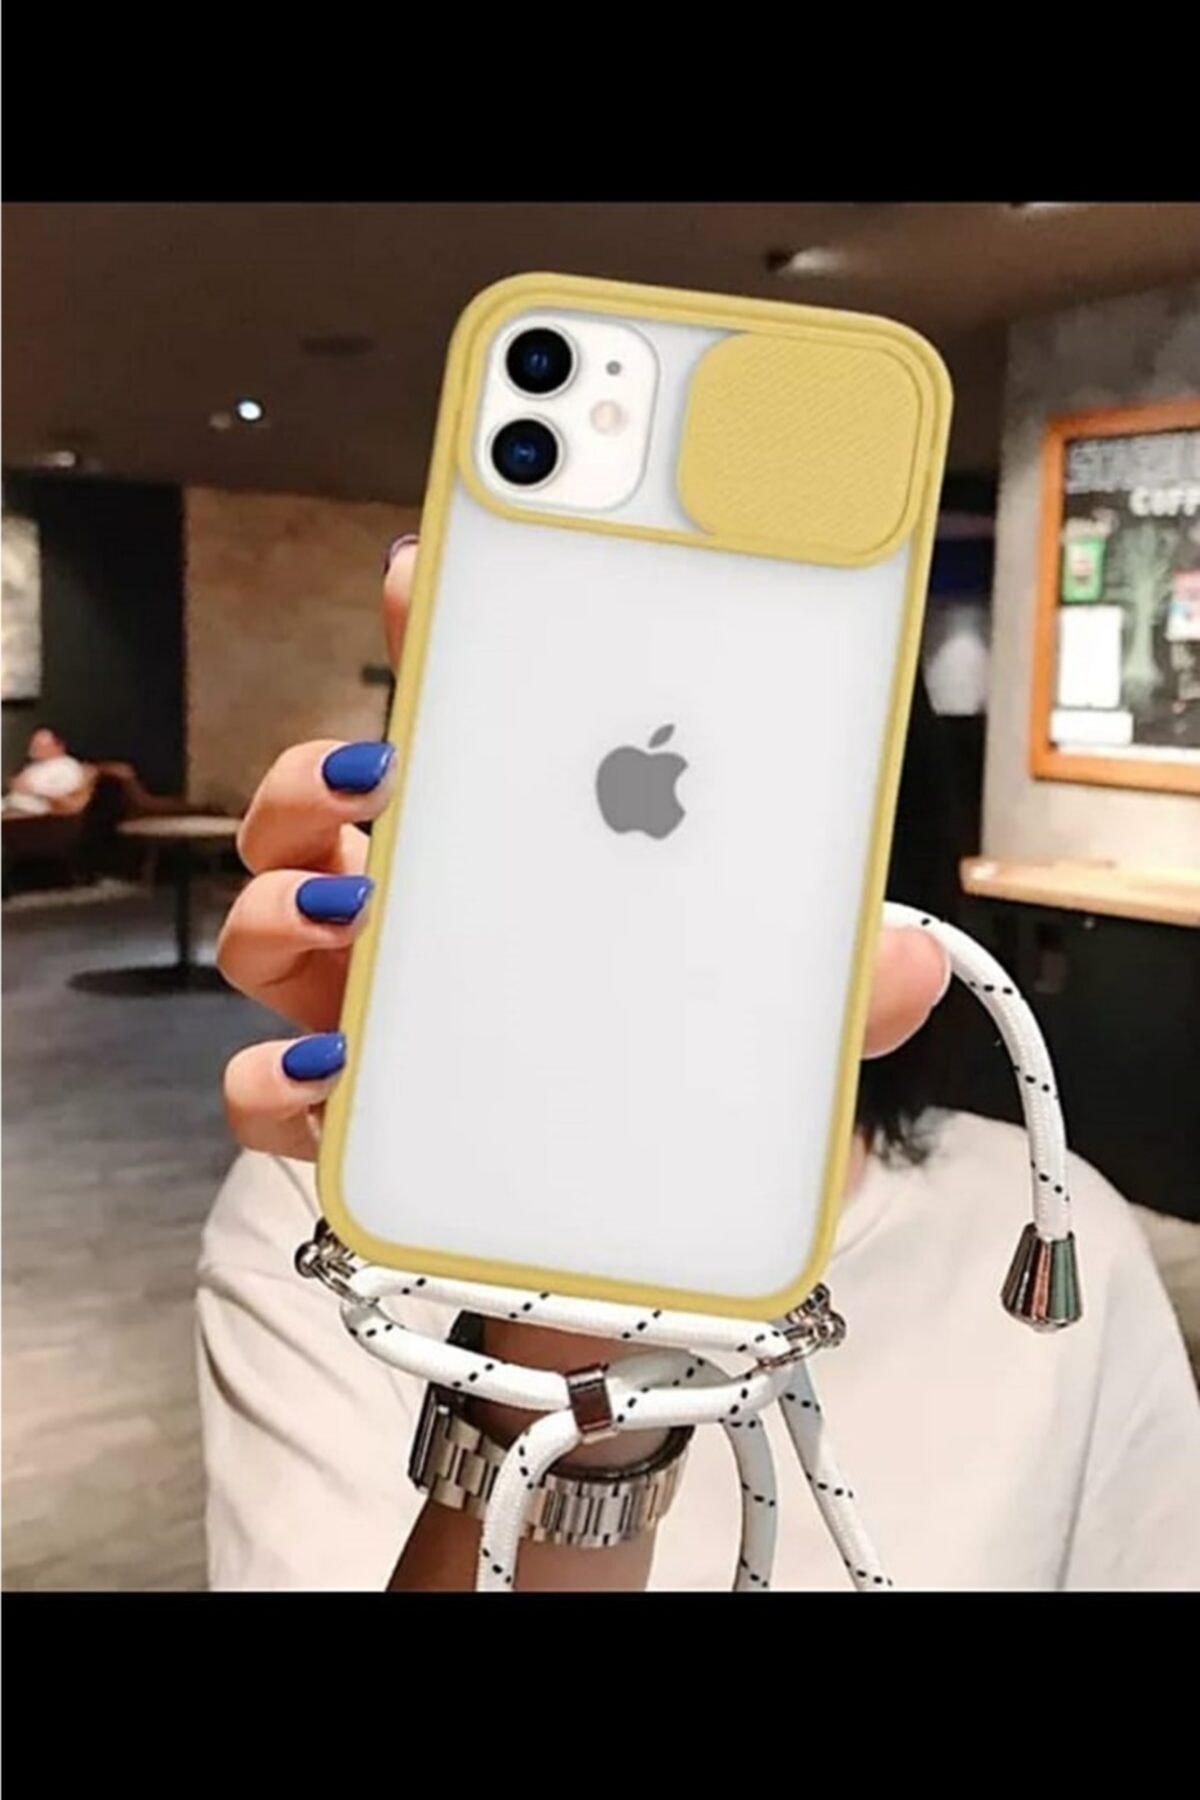 CNSTAKI Iphone 11 Kamera Korumalı Ipli Boyun Askılı Telefon Kılıfı 1